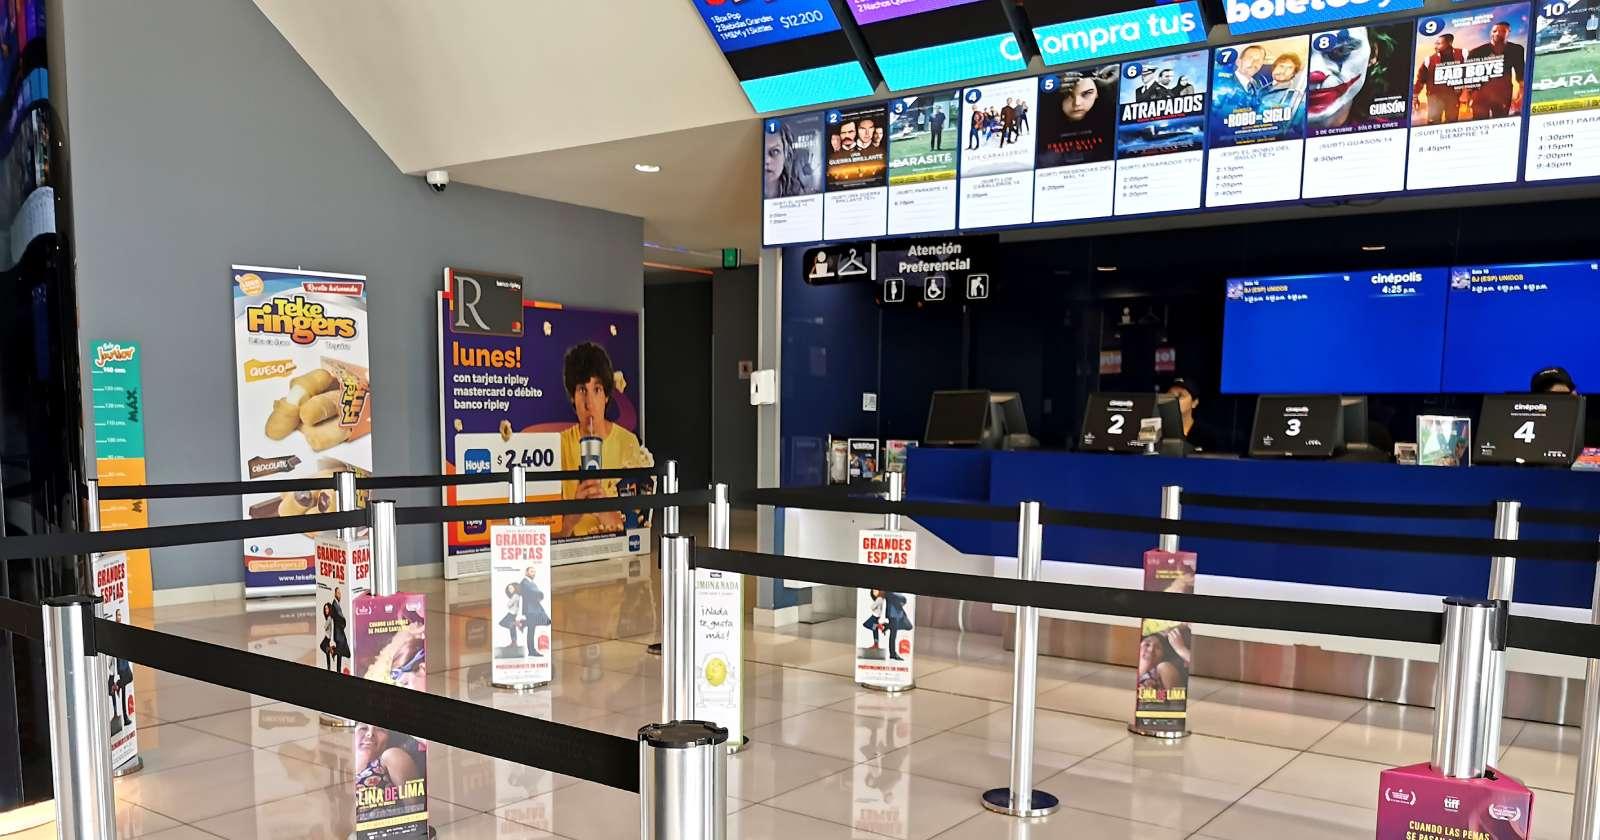 Sin comer: el protocolo del Minsal para reabrir cines en comunas en etapa 4